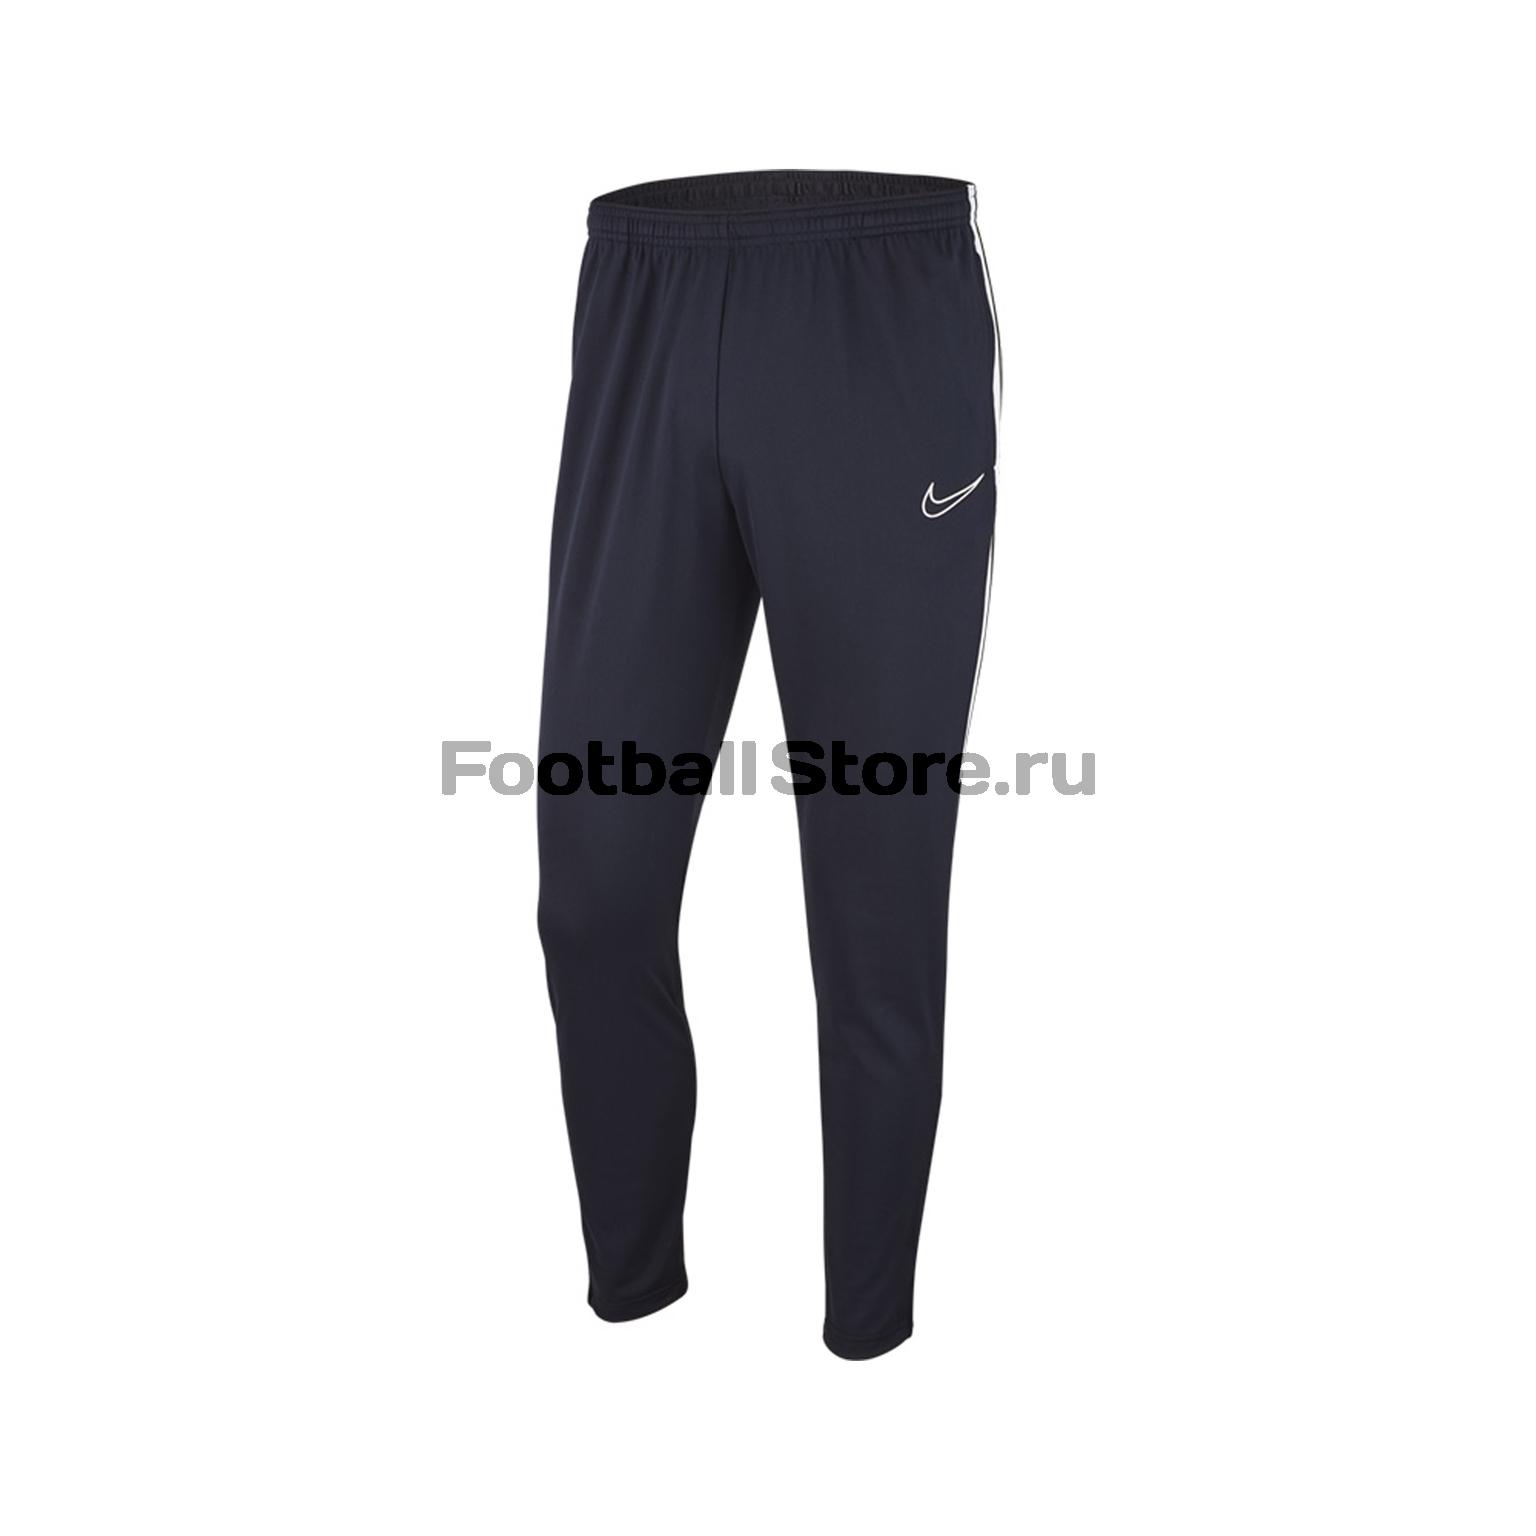 Брюки тренировочные подростковые Nike Dry Academy19 Pant AJ9291-451